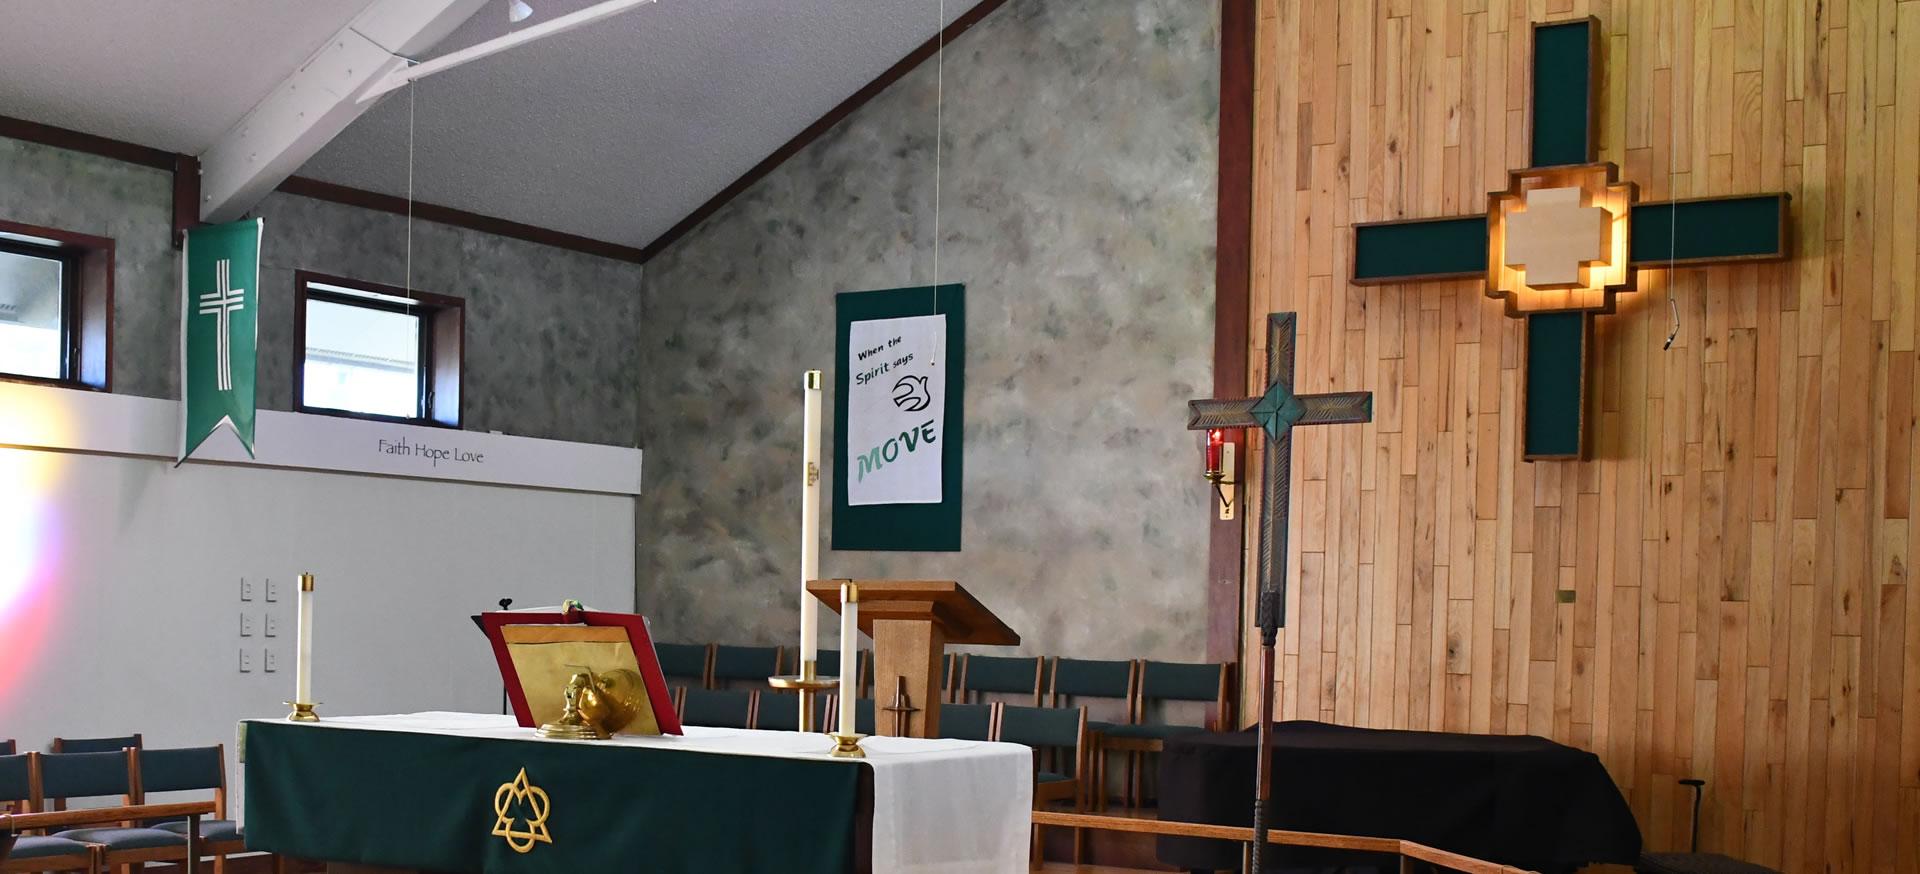 All Saints Lutheran Church Aurora, Colorado